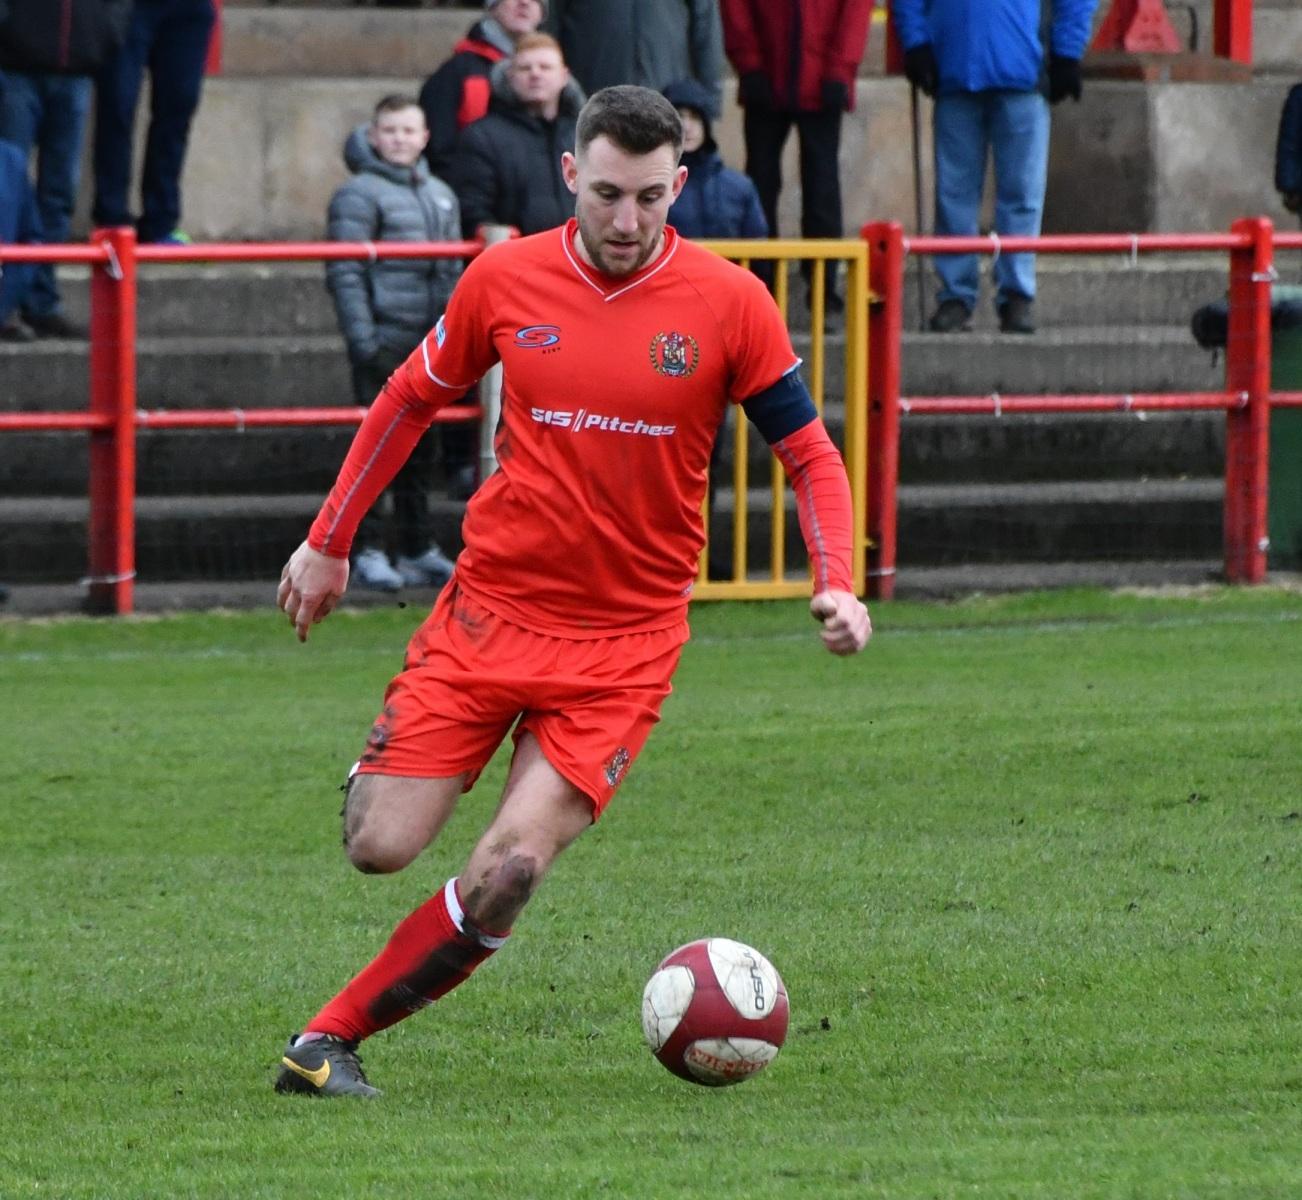 Workington-Reds-v-Ossett-Utd-Ben-Challis-13